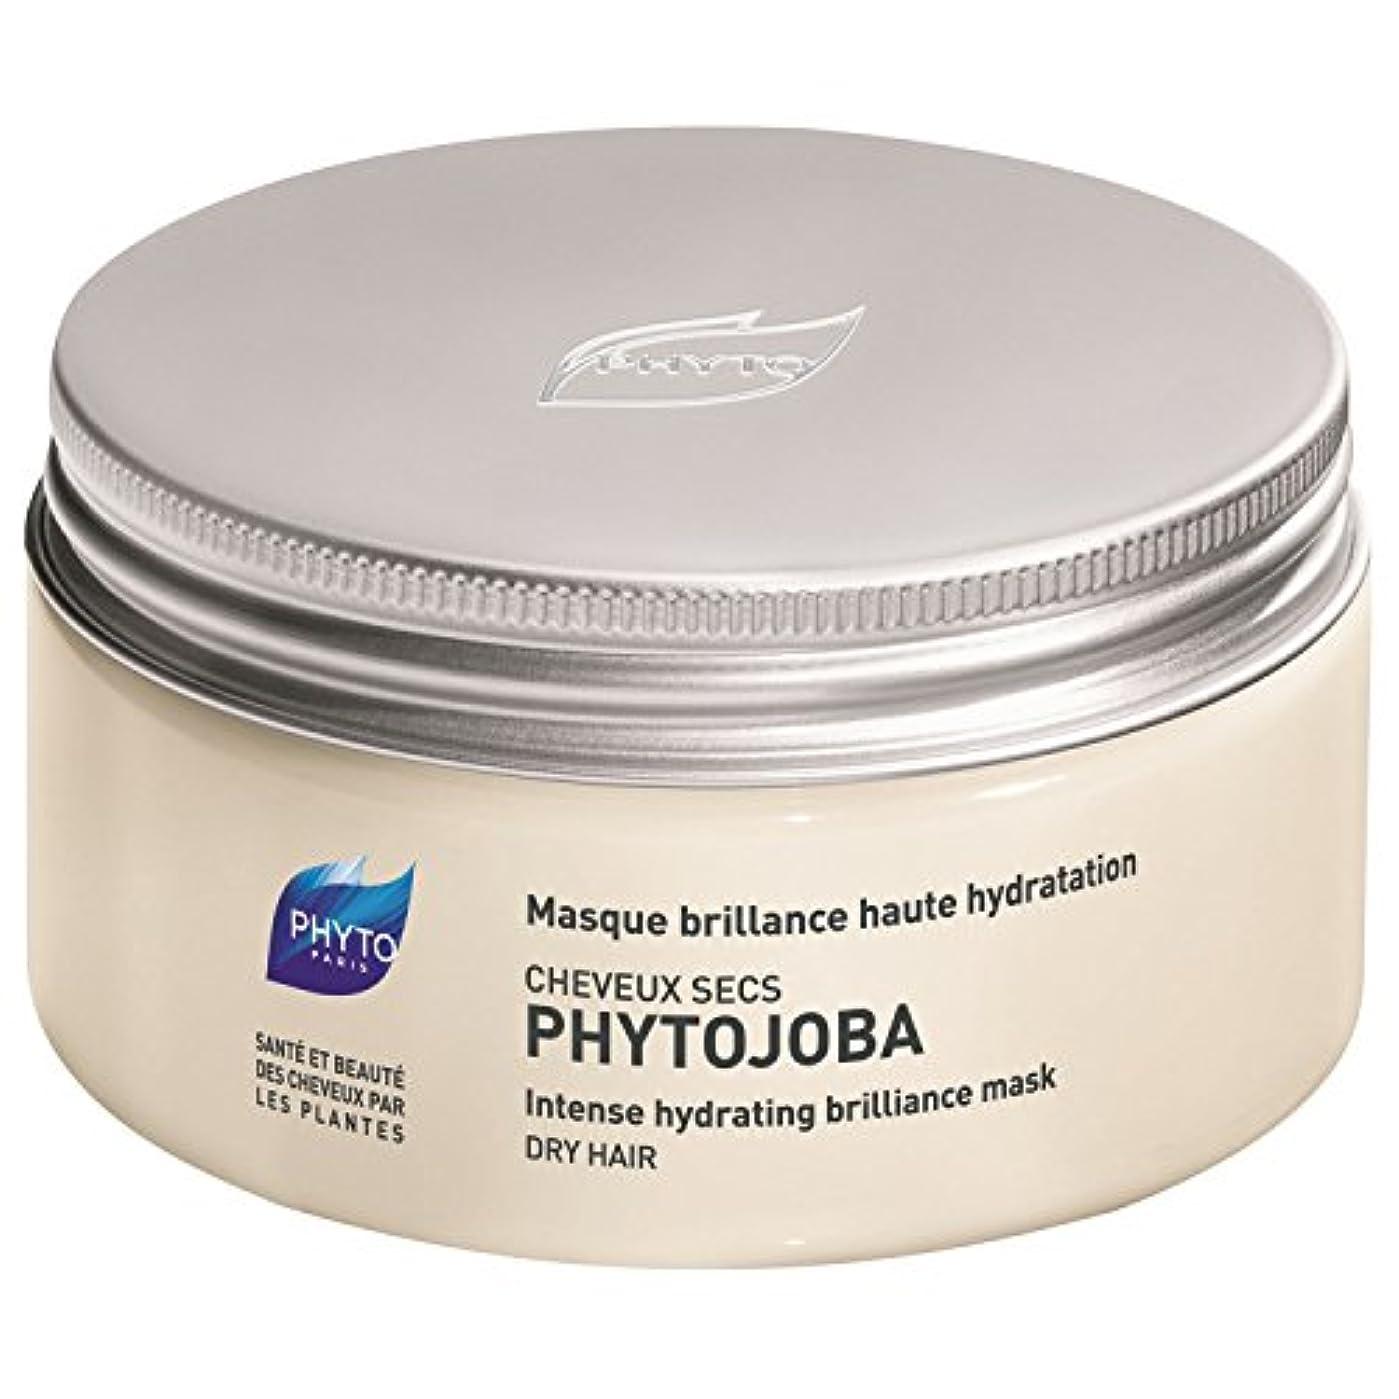 ガウン能力モルヒネフィトPhytojoba強烈な水分補給マスク200ミリリットル (Phyto) (x6) - Phyto Phytojoba Intense Hydrating Mask 200ml (Pack of 6) [並行輸入品]